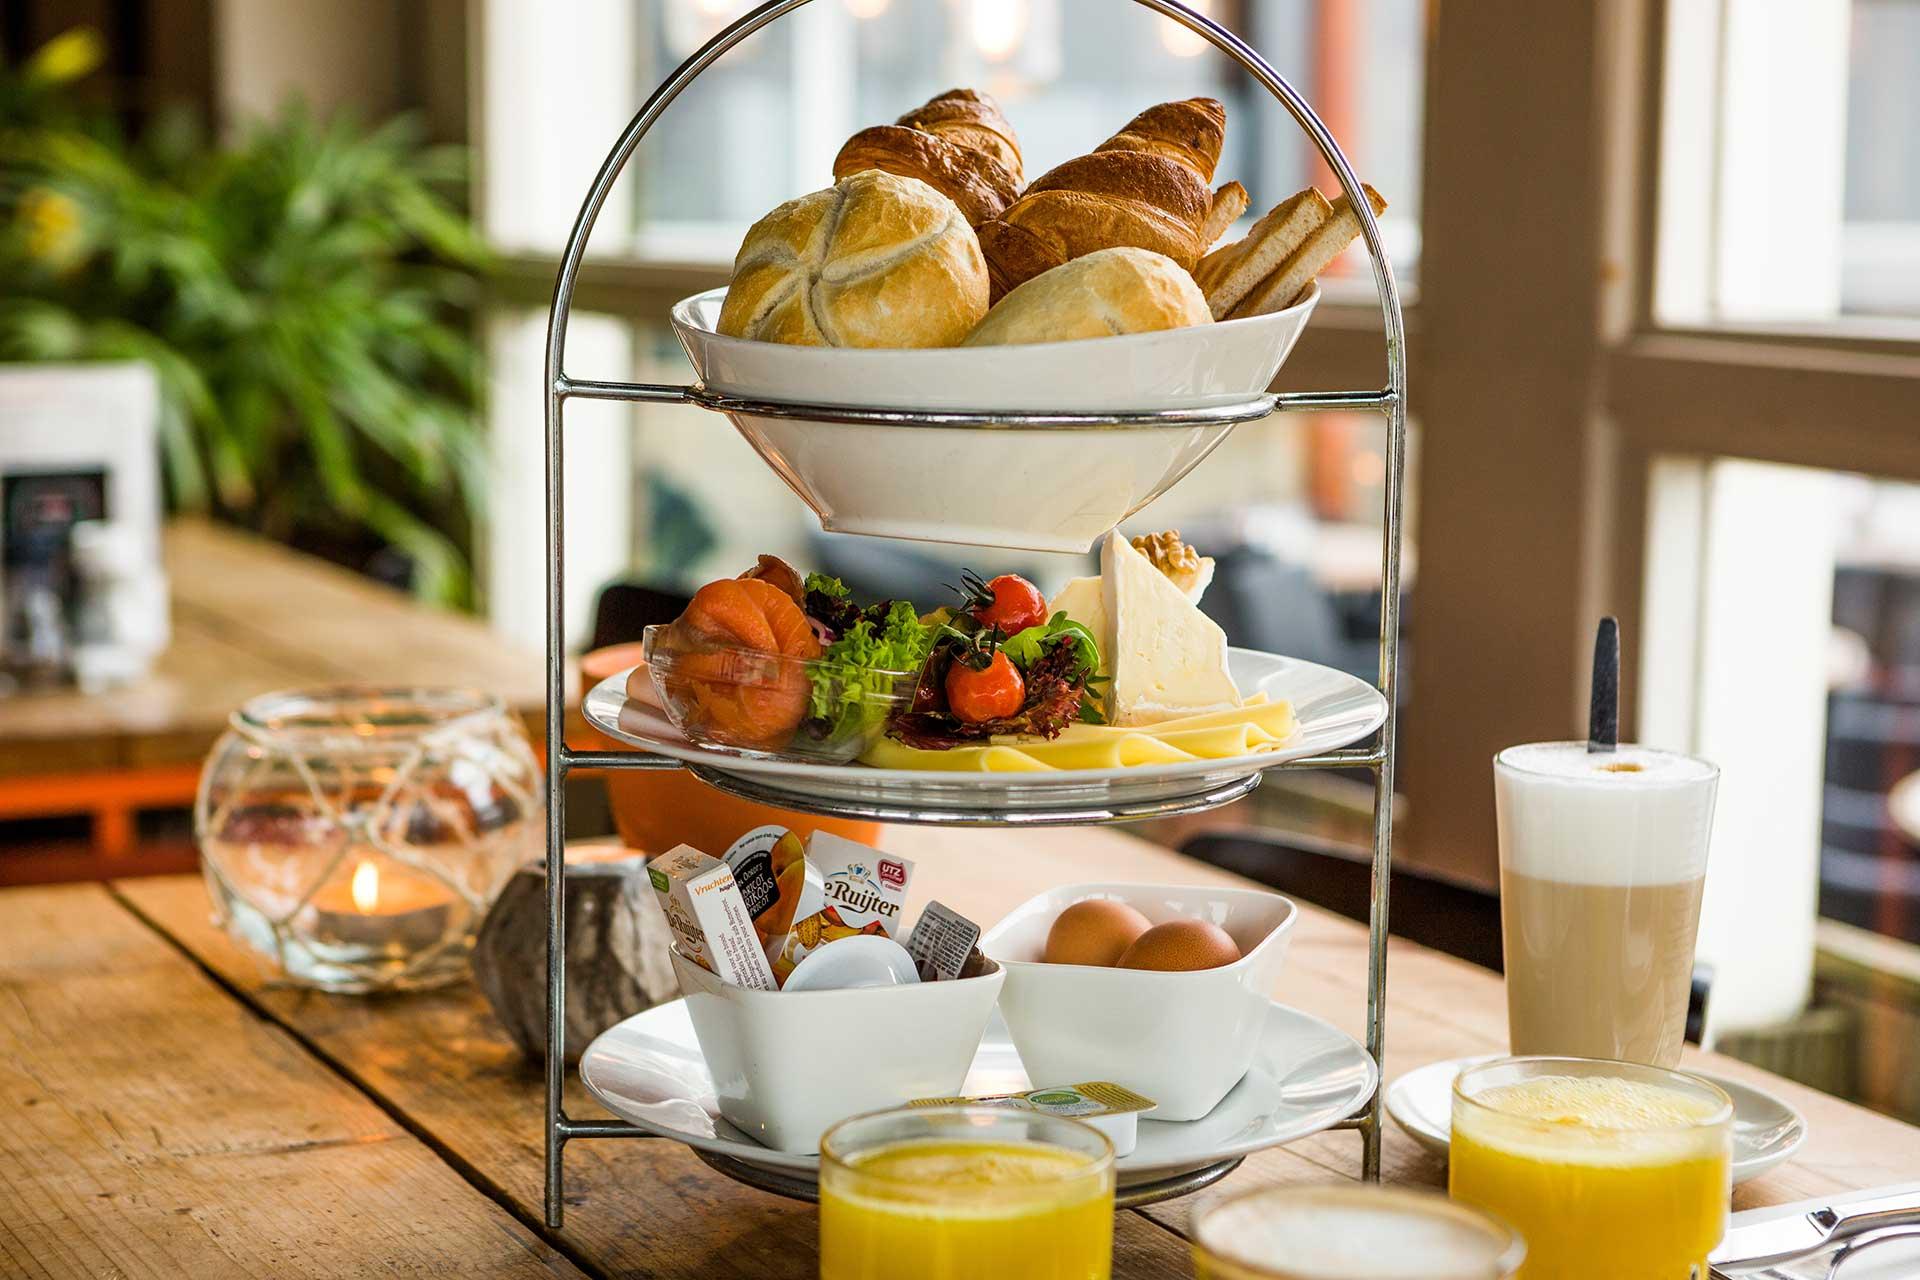 Ontbijten op Scheveningen - Ontbijten op Scheveningen, daar kan je iedereen gelukkig mee maken. We serveren een heerlijk ontbijt met o.a. diverse broodjes, een croissant, eitje erbij, jus d'orange en een lekkere kop koffie.Hoe wil je de dag beter beginnen dan met een goed ontbijt in een ontspannen sfeer uitkijkend over de Noordzee.Ontbijten bij Grandcafe Binnen kan op elke dag van de week. Doordeweeks vanaf half 10 en op zaterdag en zondag vanaf half 9.Kom lekker langs!